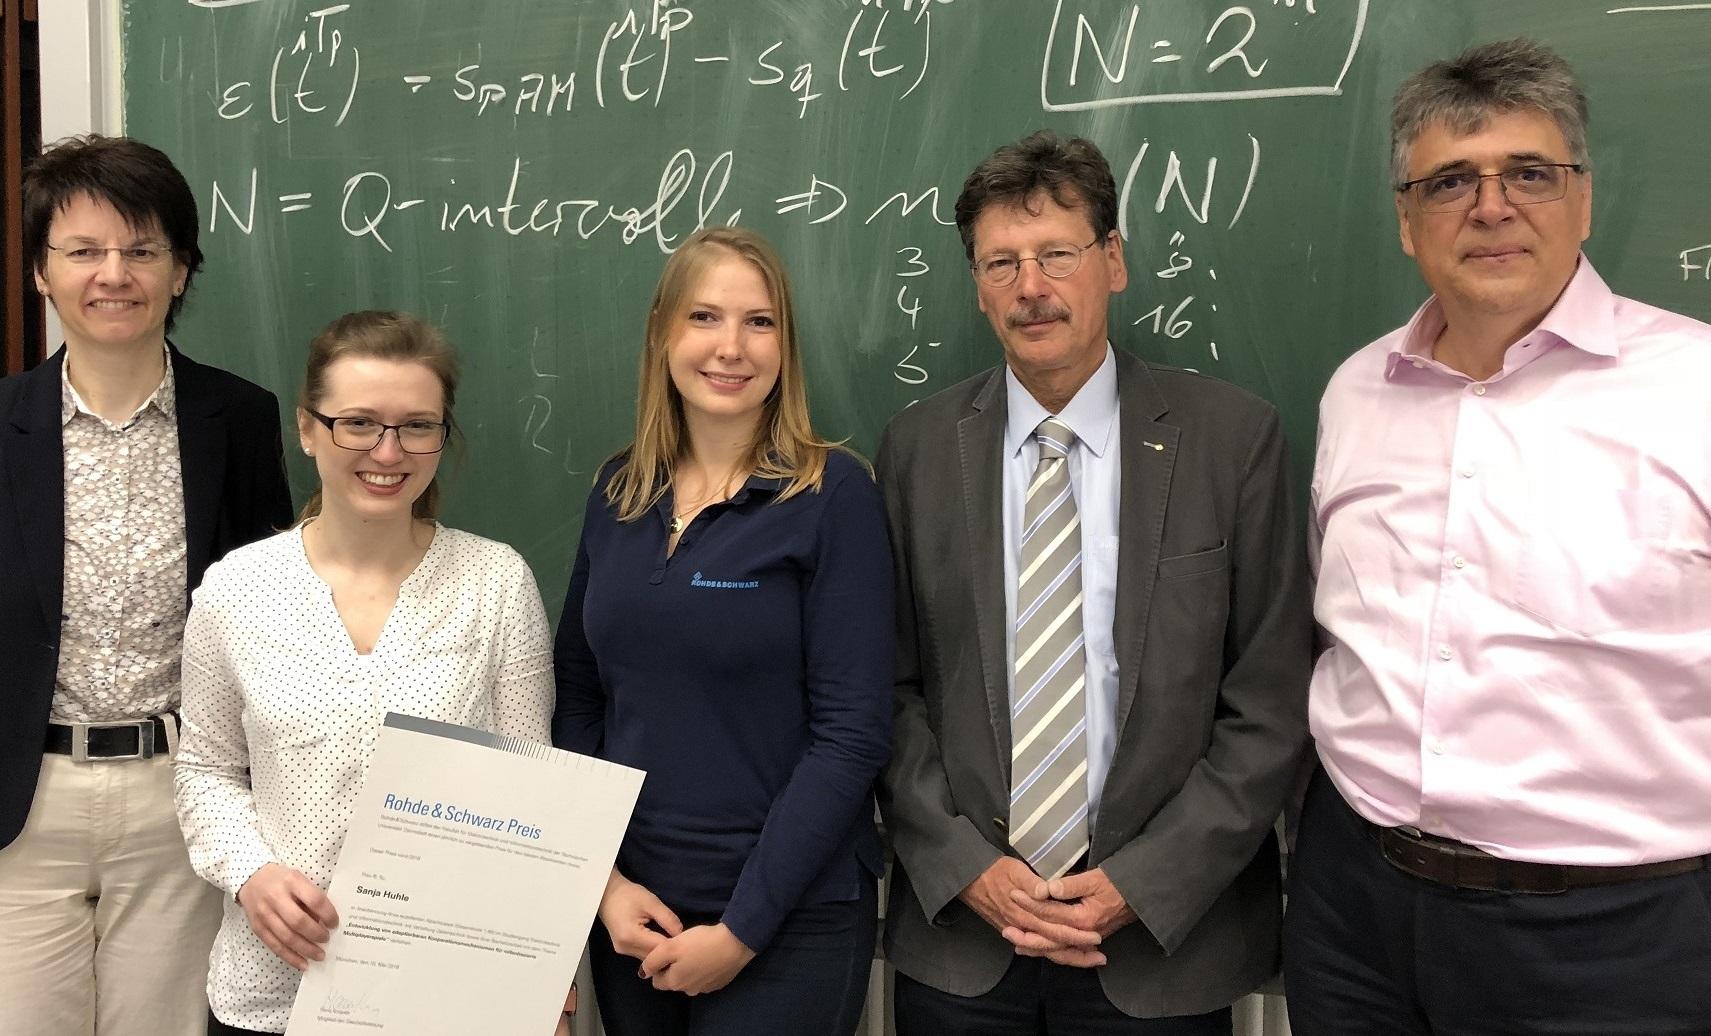 2018.05.15._Sanja_Huhle_Rohde_und_Schwarz_Preis_07-1